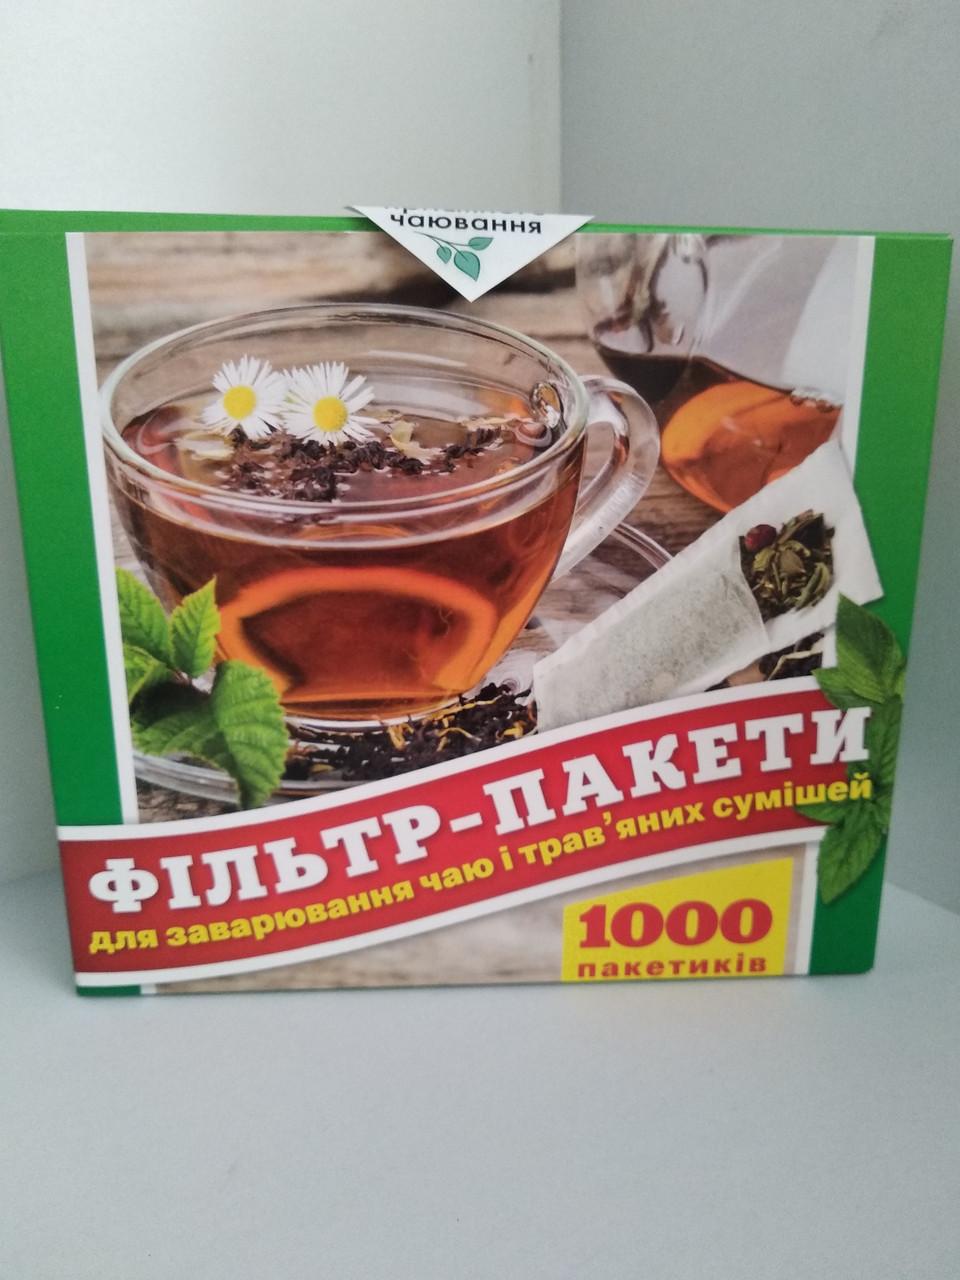 Фильтр-пакет для заваривания чая в чашке (1000 шт.). Доставка по всей Украине. Гарантия качества.